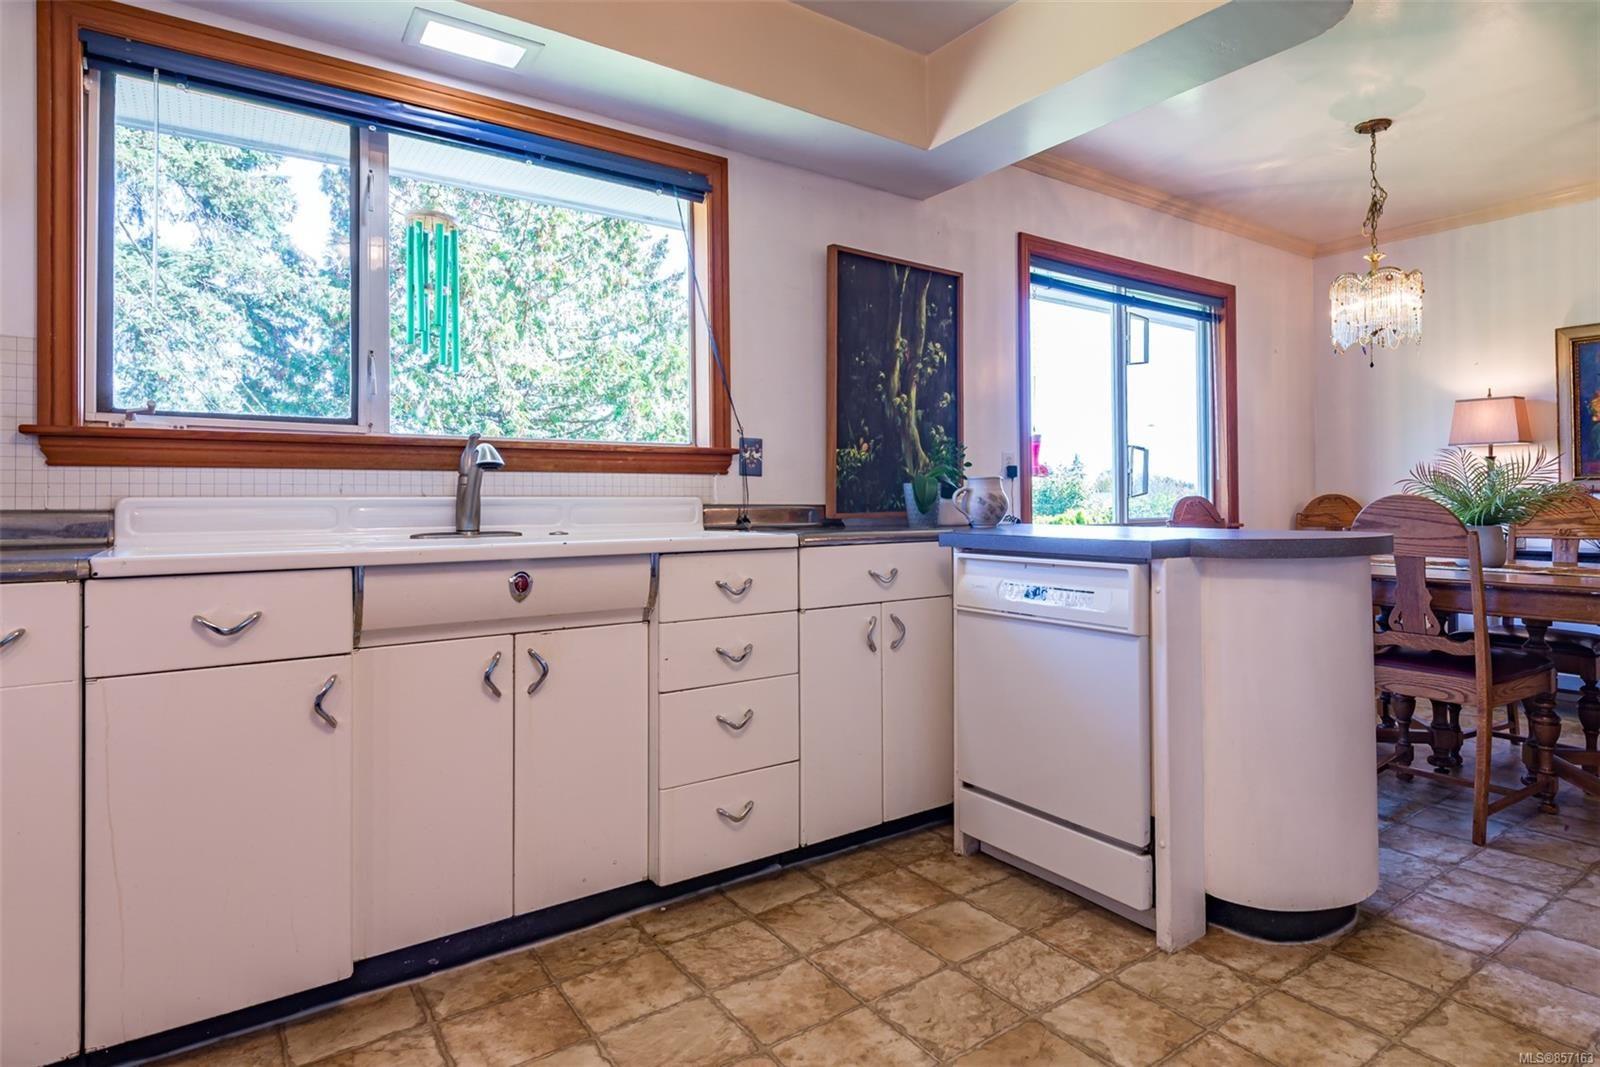 Photo 18: Photos: 4241 Buddington Rd in : CV Courtenay South House for sale (Comox Valley)  : MLS®# 857163